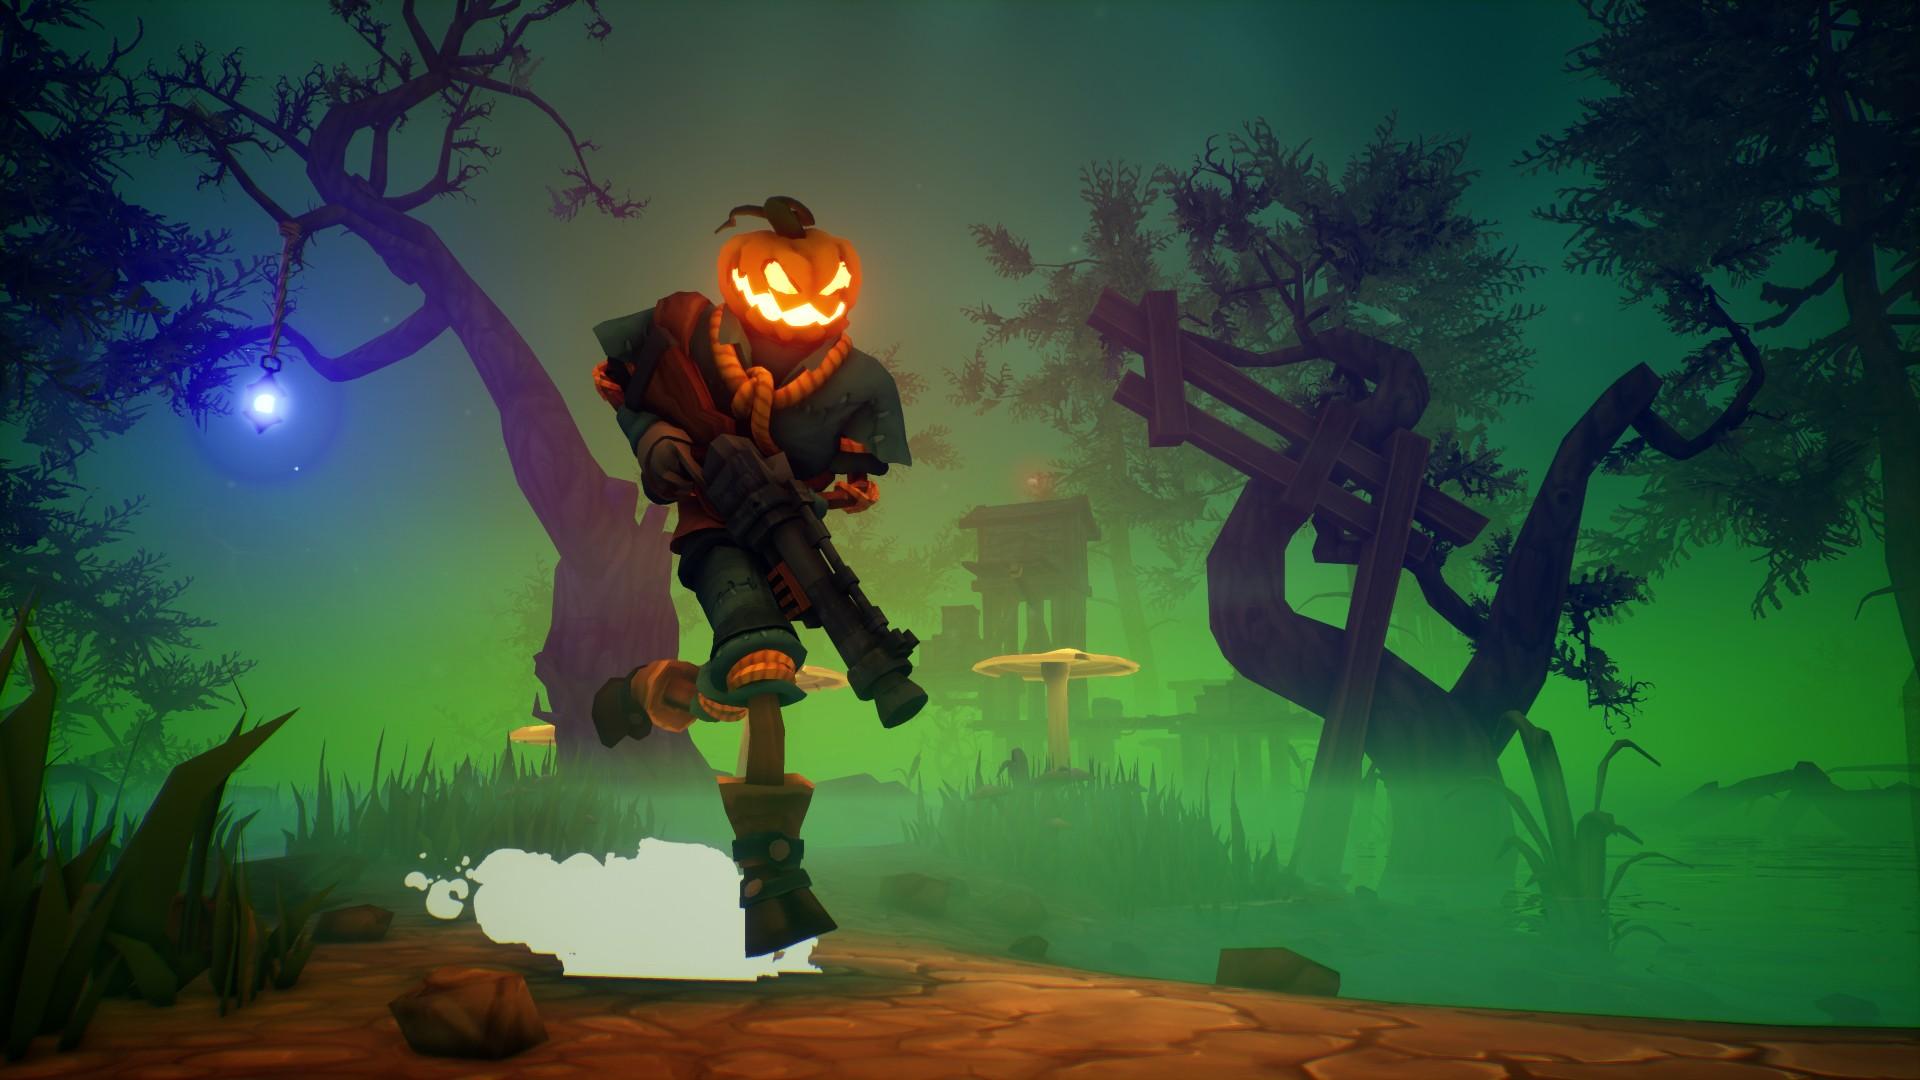 pumpkin-jack-review-screenshot-3.jpg